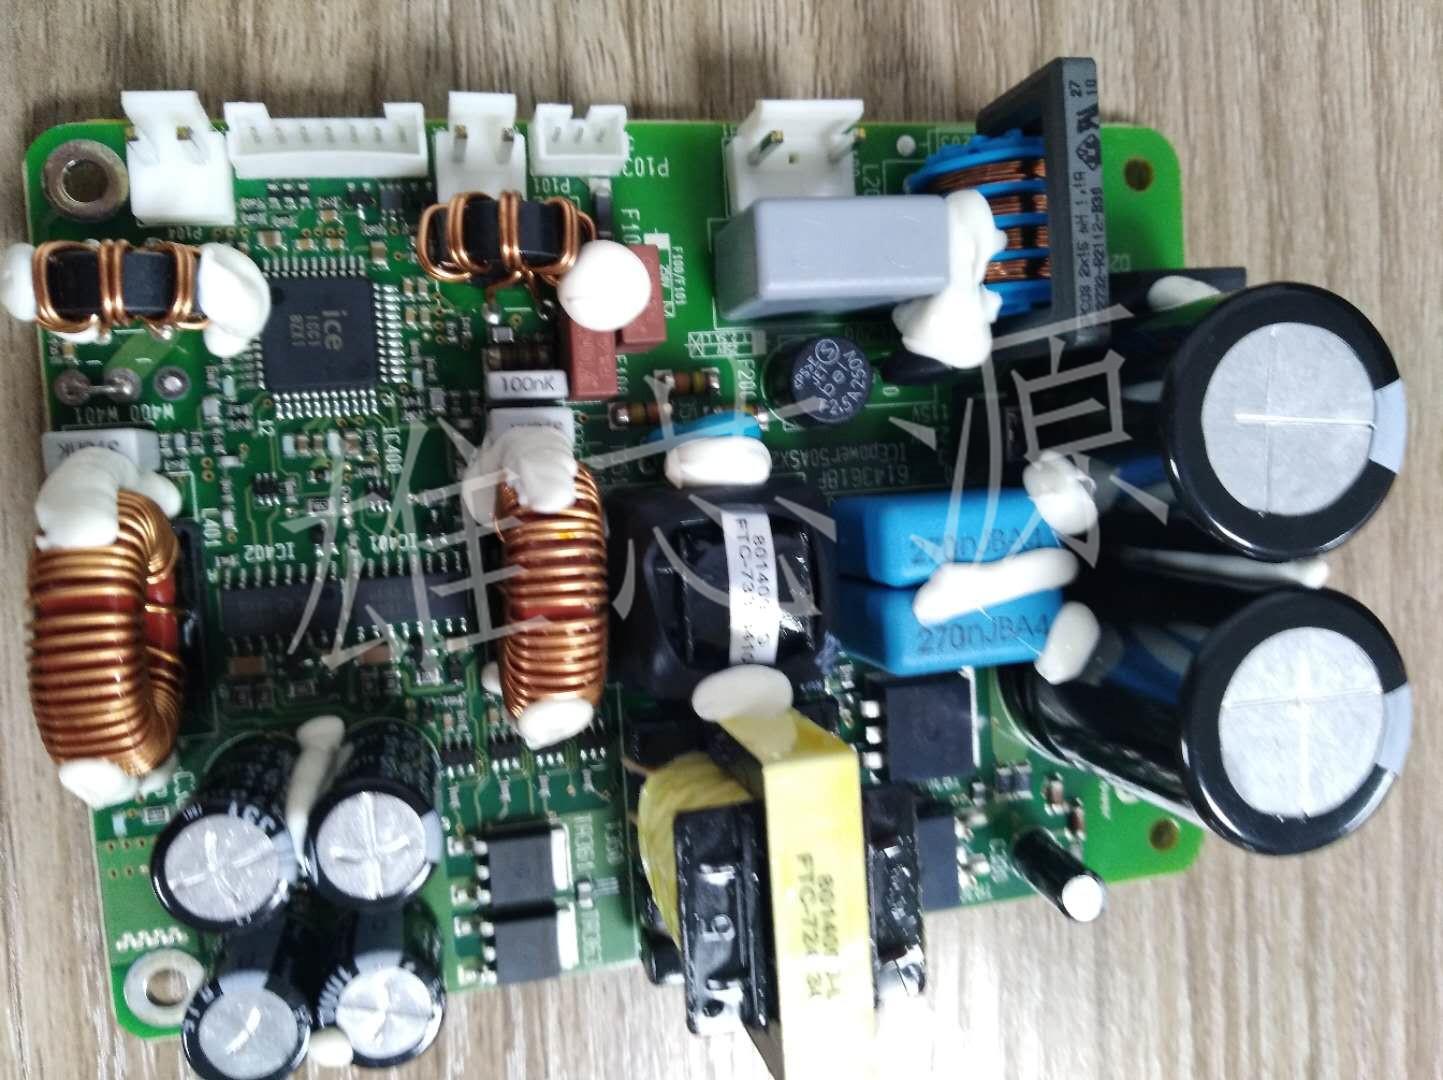 98 15] ICEPOWER Power Amplifier Circuit Board Digital Power